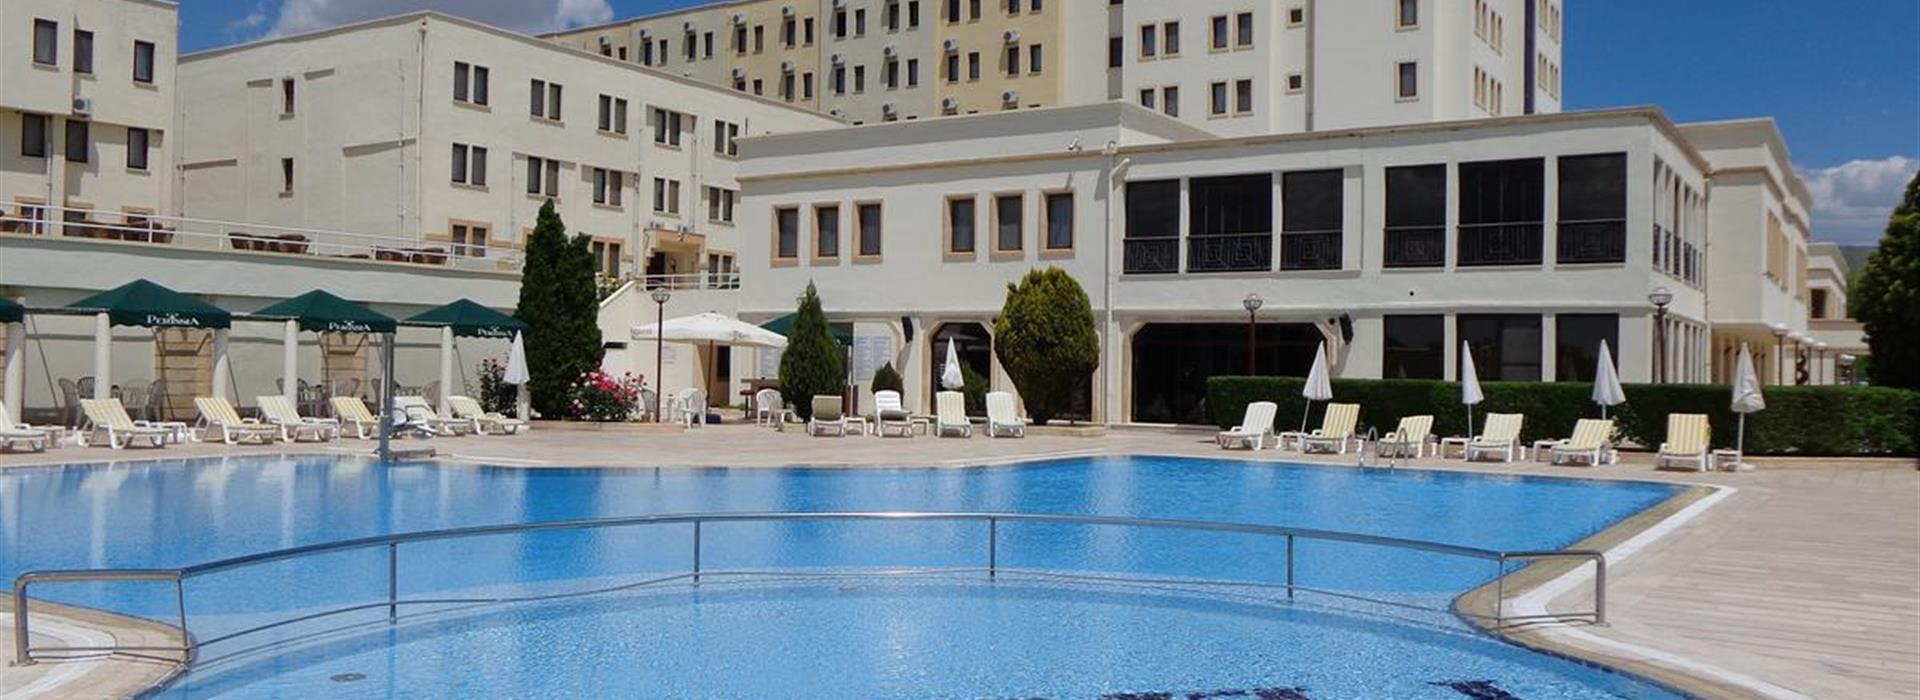 perissia-hotel-and-convention-centre